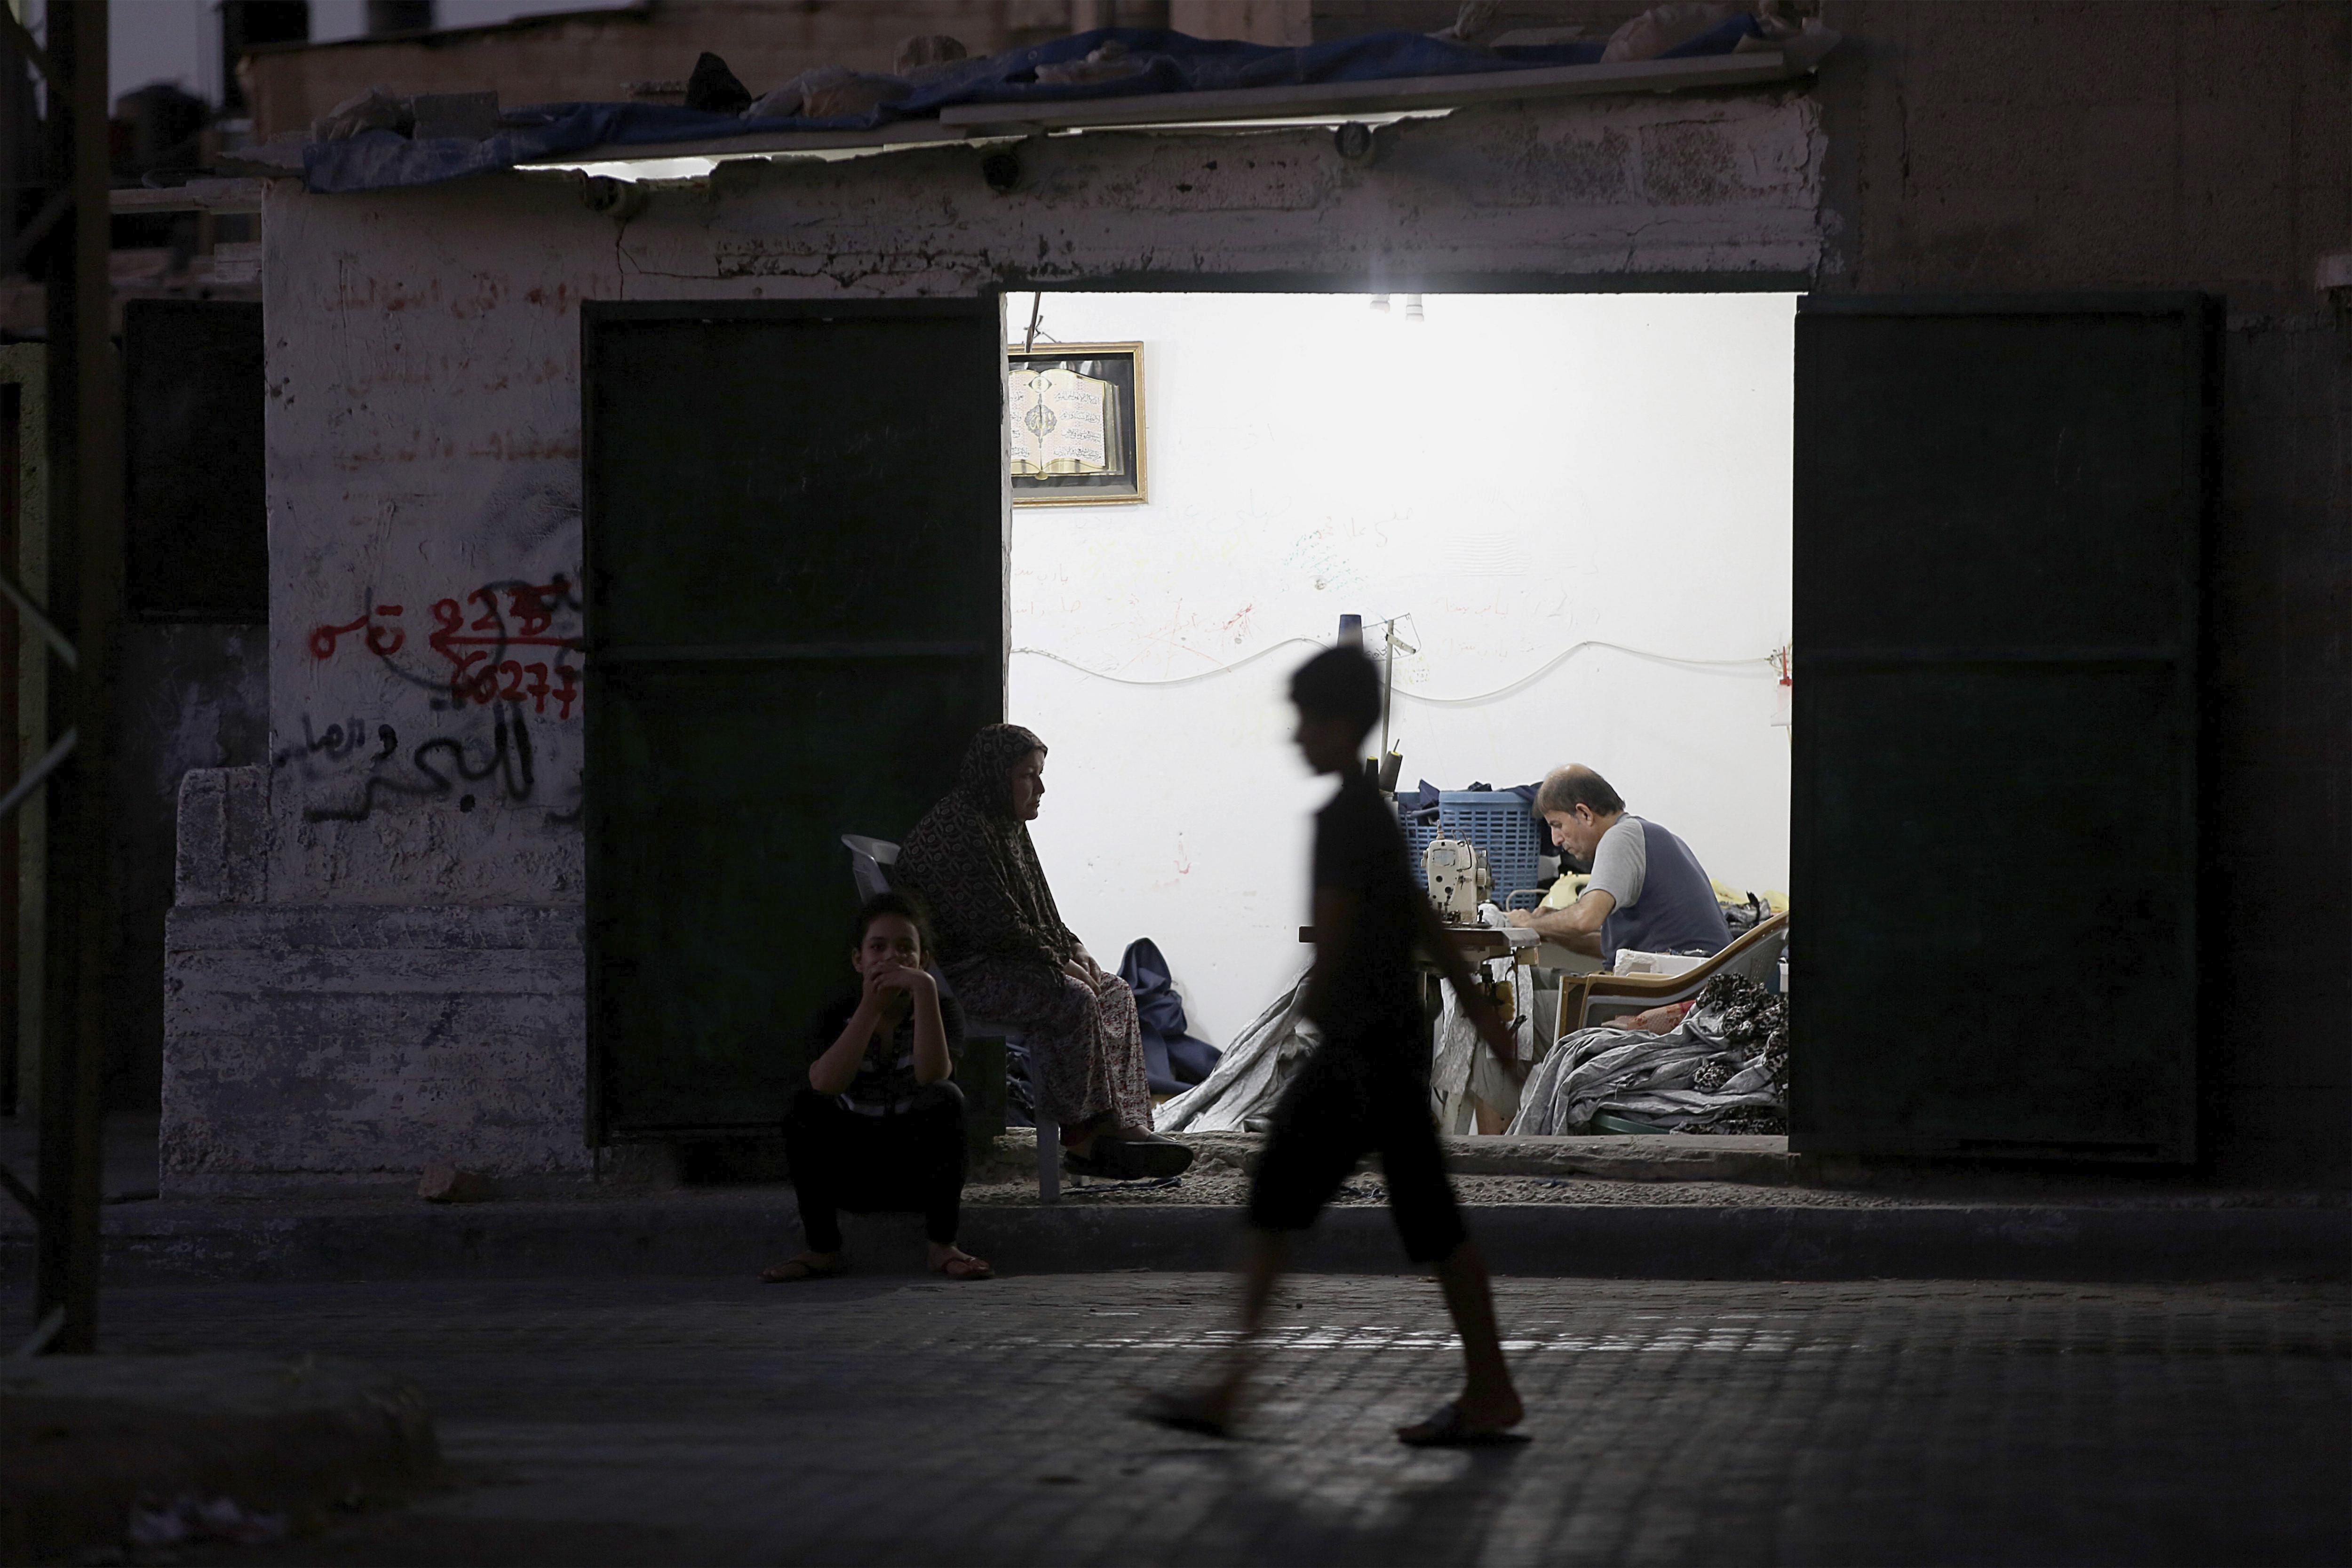 Els 1,8 milions de residents a Gaza experimenten més de 20 tallades de llum al dia. /MOHAMMED SABER